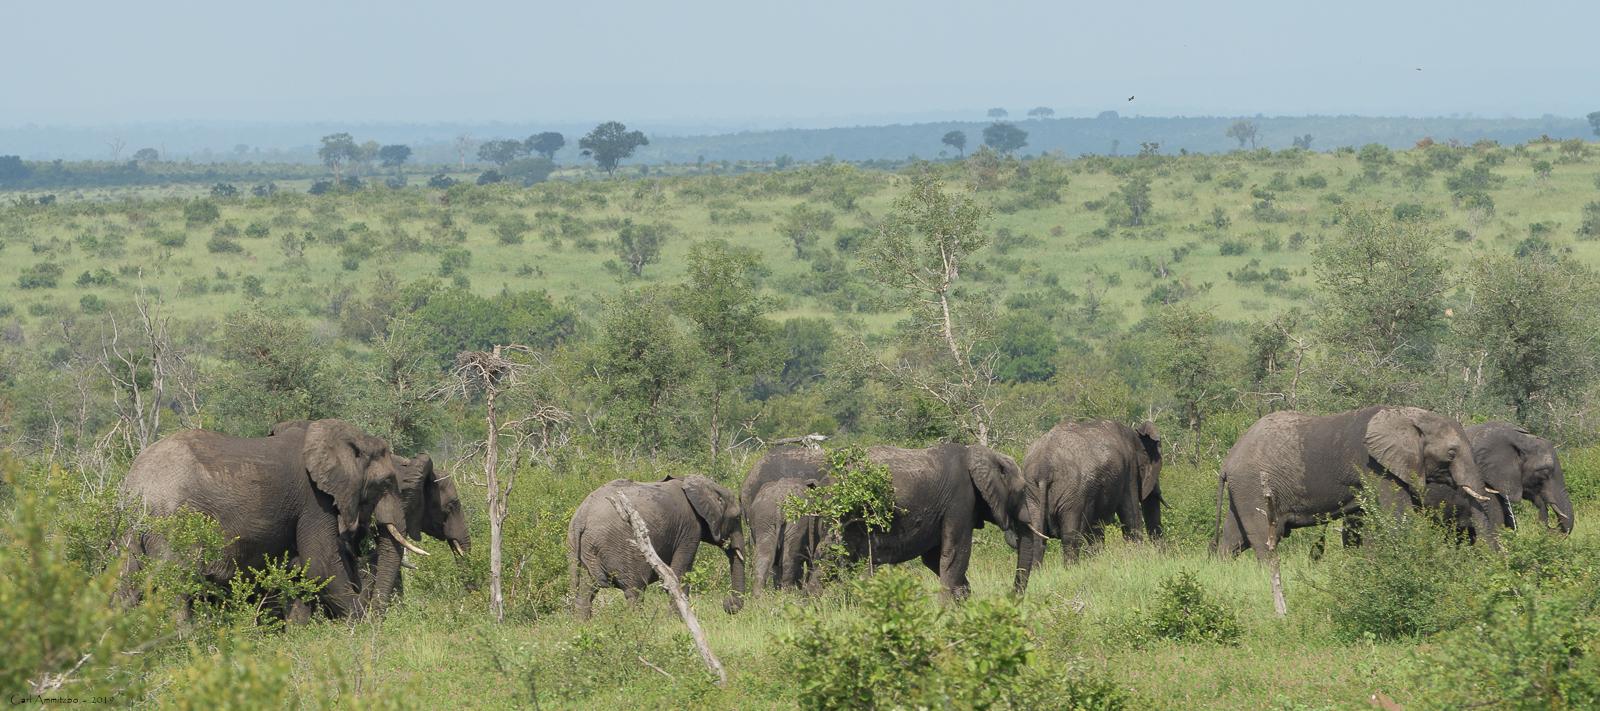 07 - 0221 - Elefant - 31 - Kruger